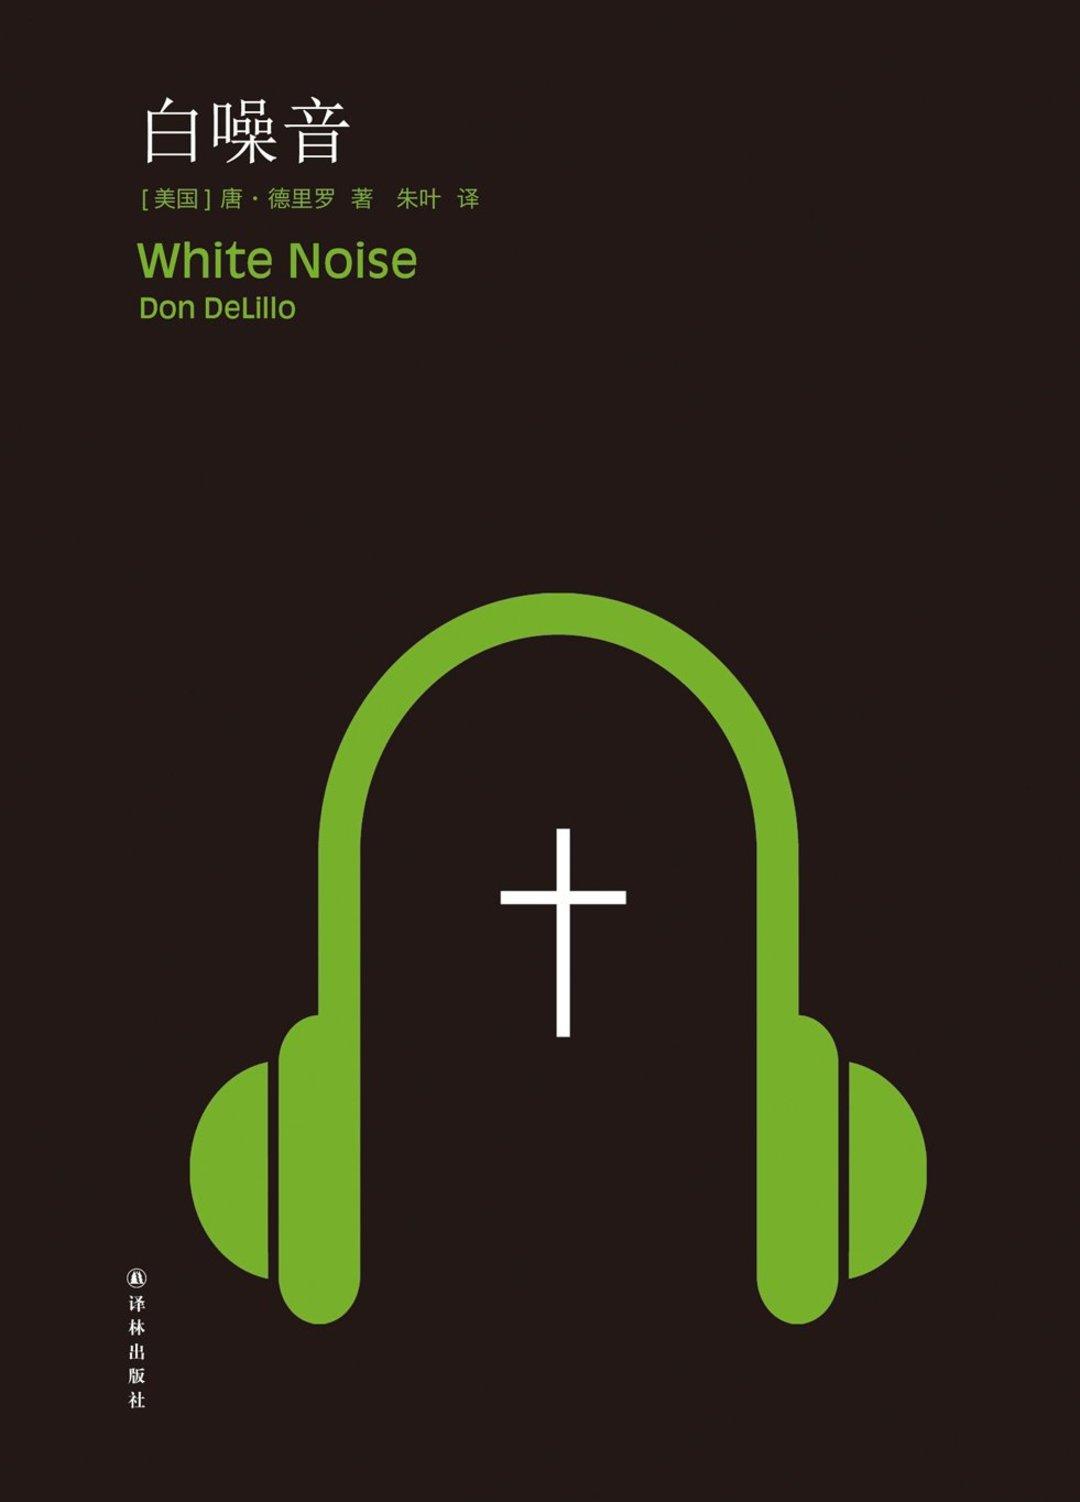 讲述现代文明危害的小说《白噪音》,将被改编成电影_文化_好奇心日报